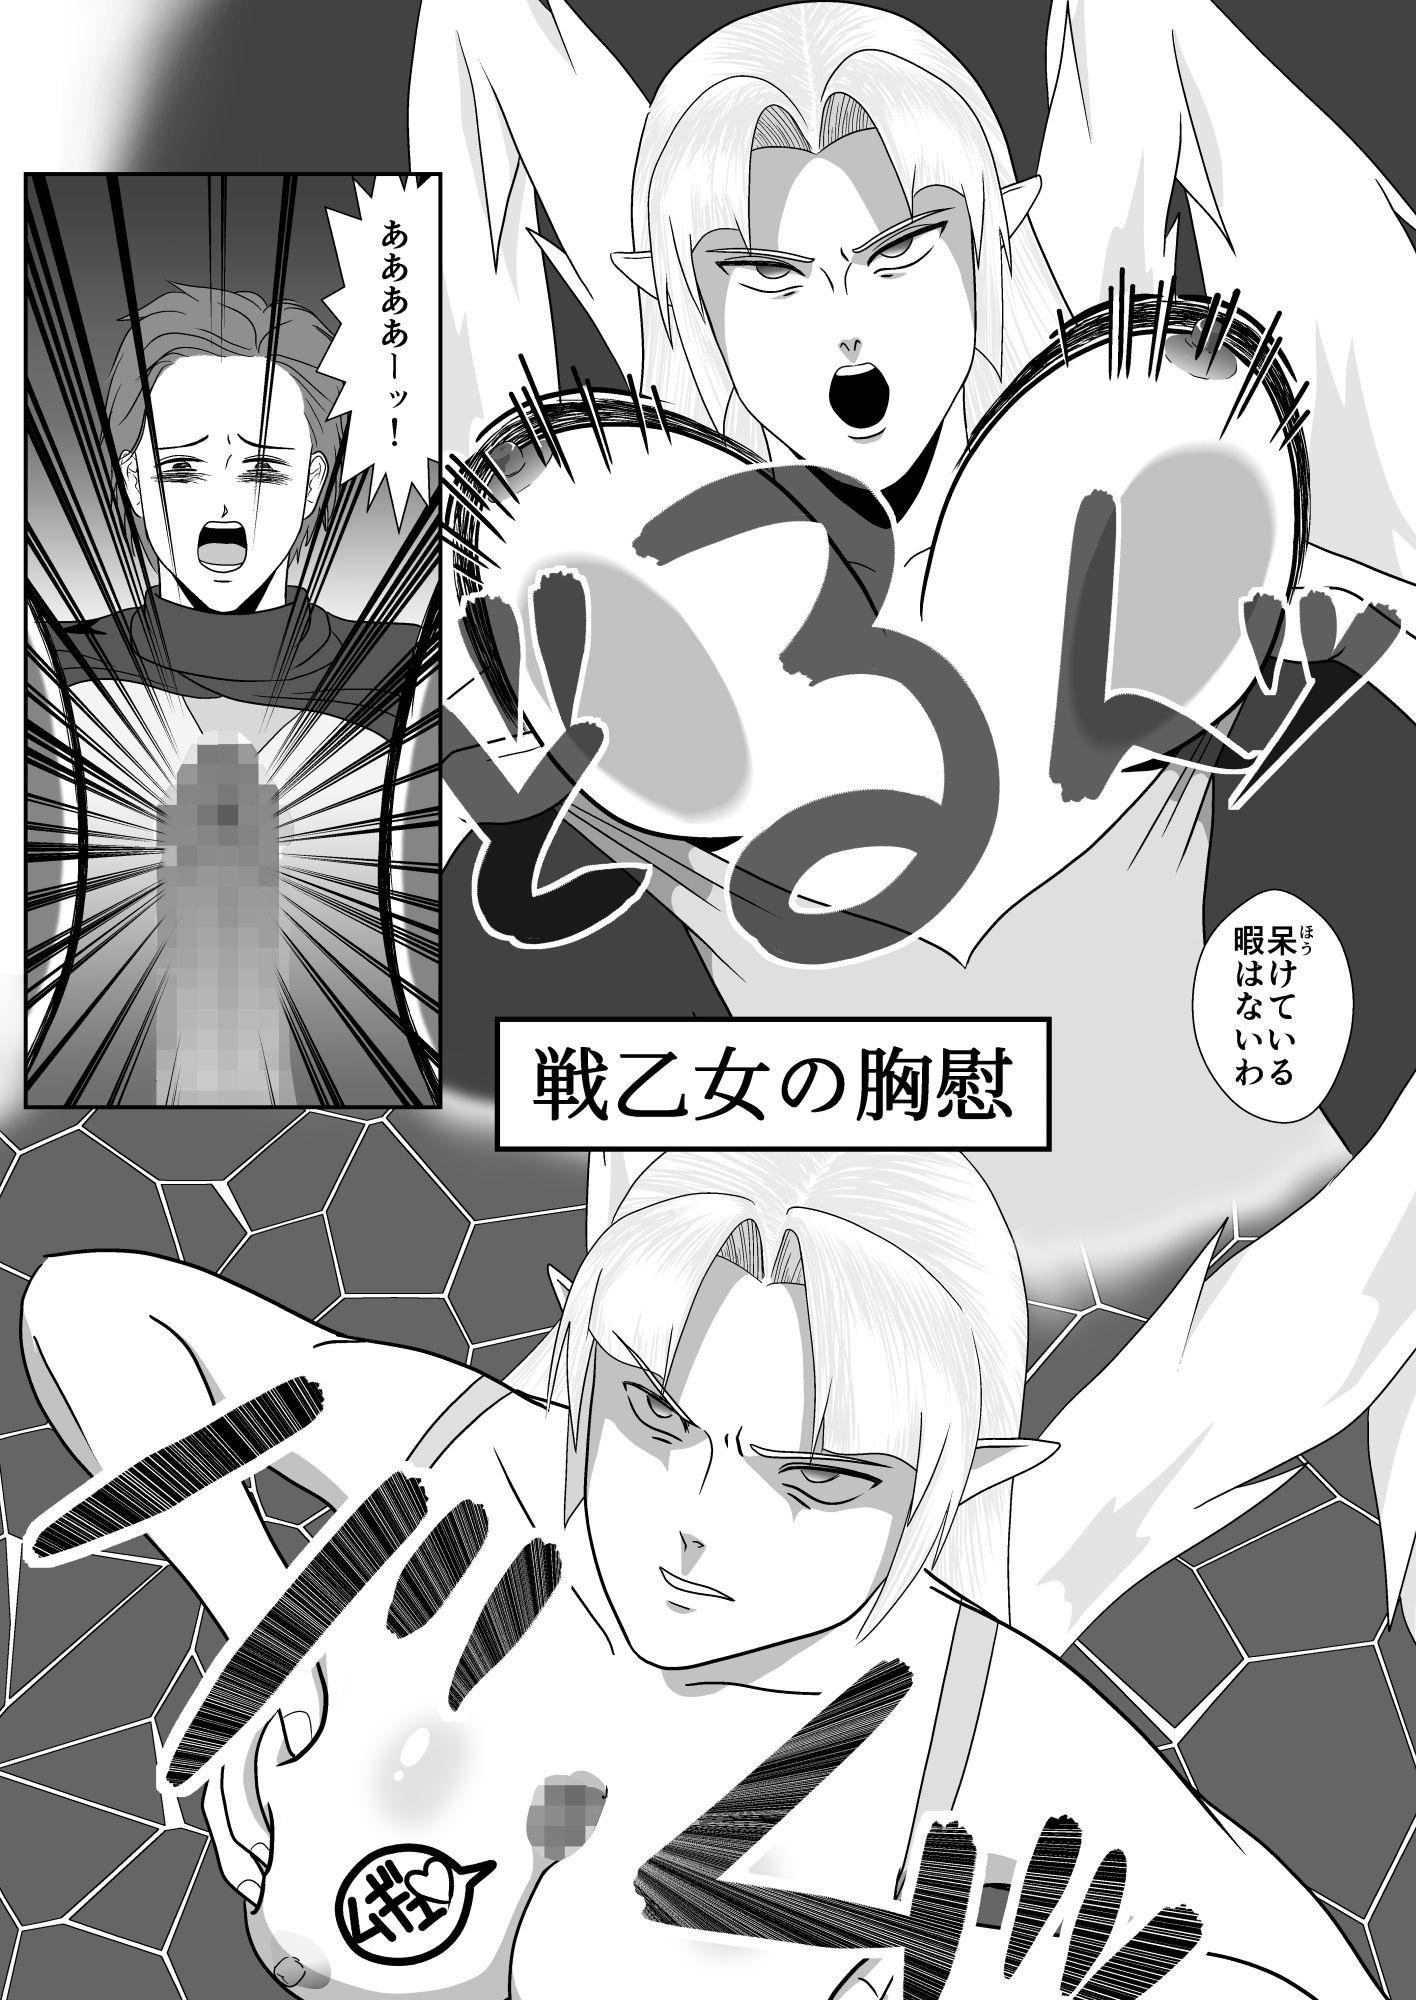 もんむす・えくすぷろいてぃ! ―戦乙女との遭遇―のサンプル画像5